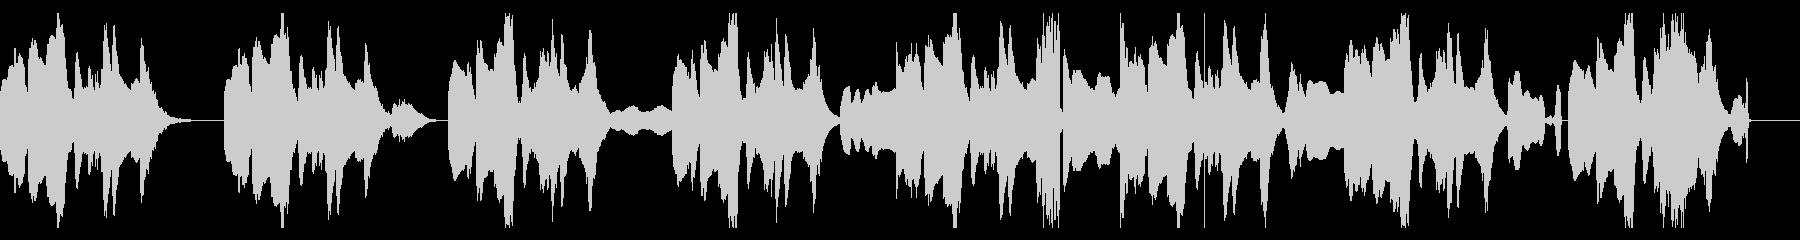 音痴リコーダーのちょっと間抜けなBGMの未再生の波形